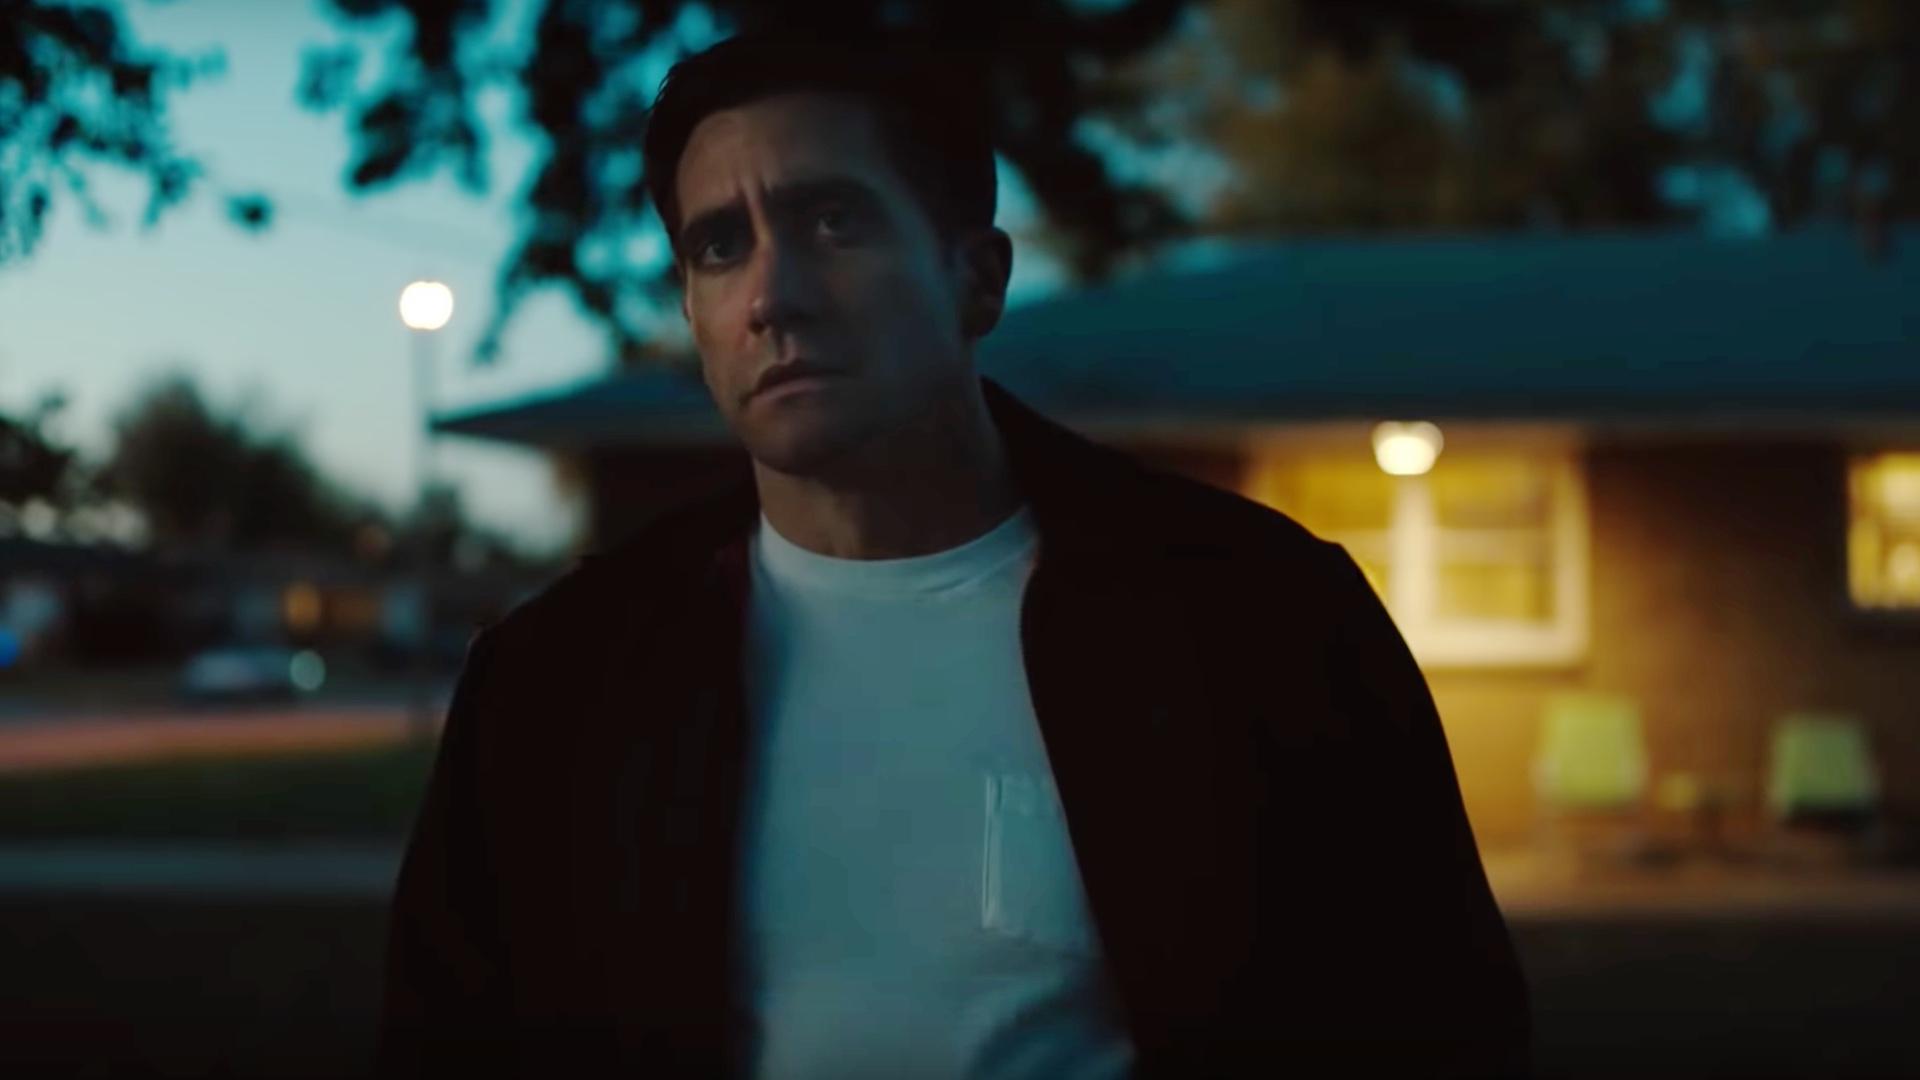 Jake Gyllenhaal, devant sa maison dans le clair-obscur ; il a l'air triste.